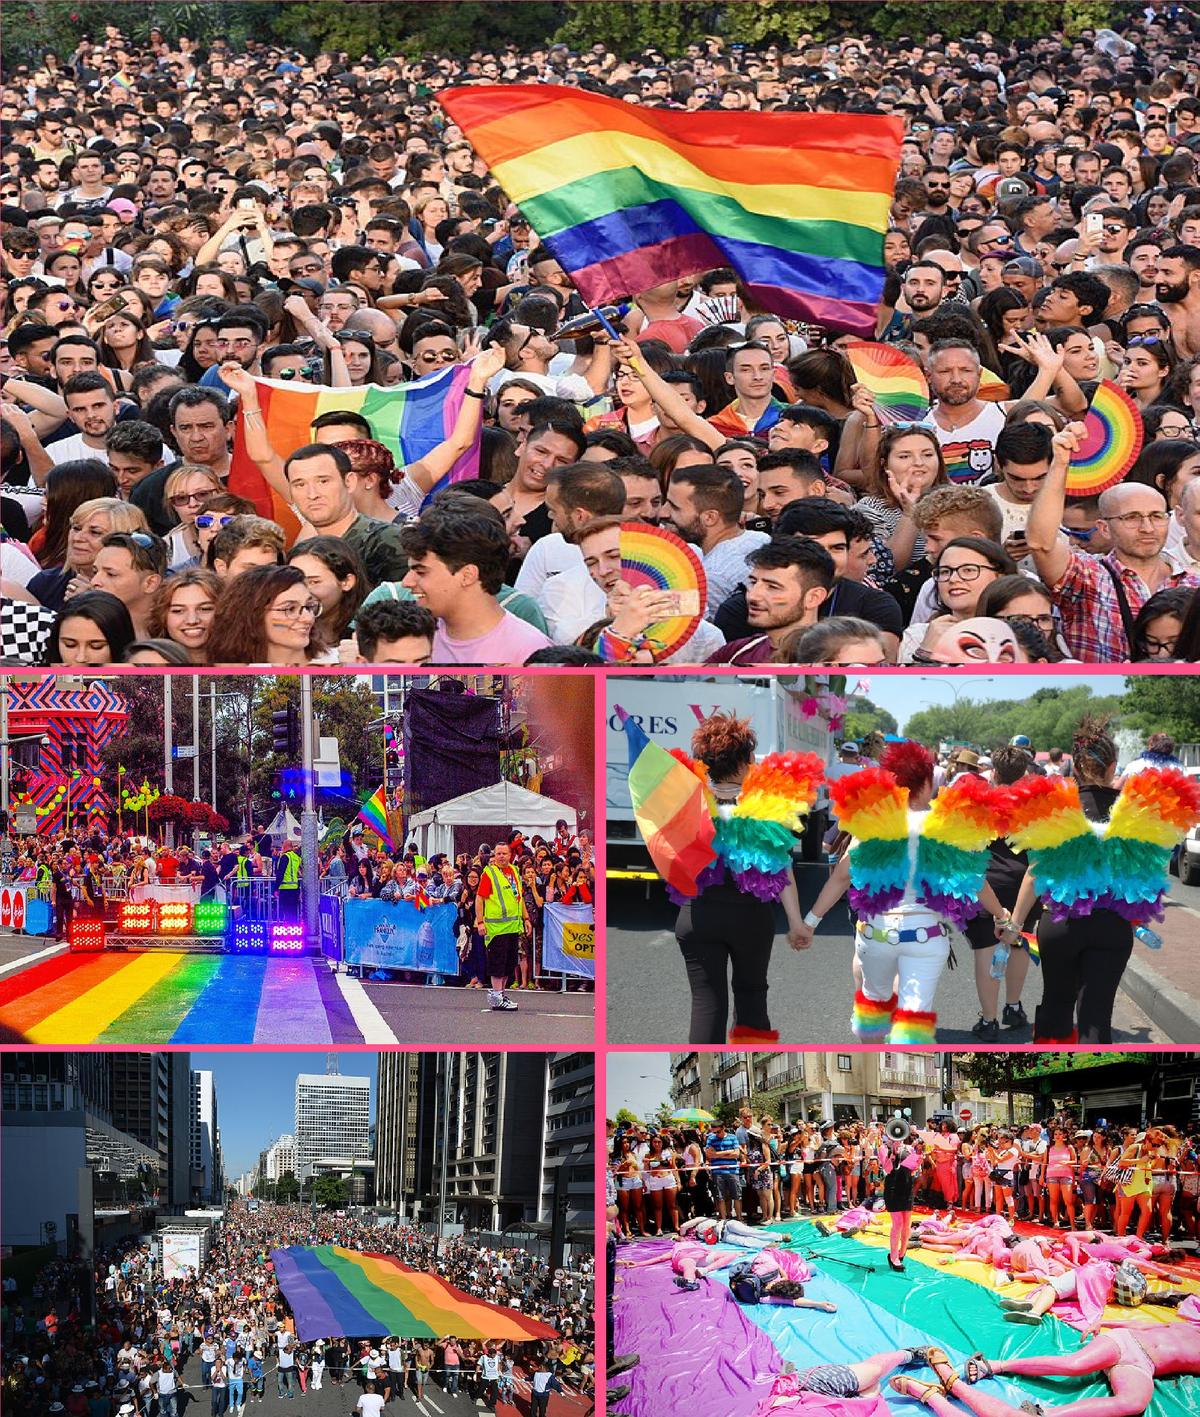 qué es el día del orgullo gay